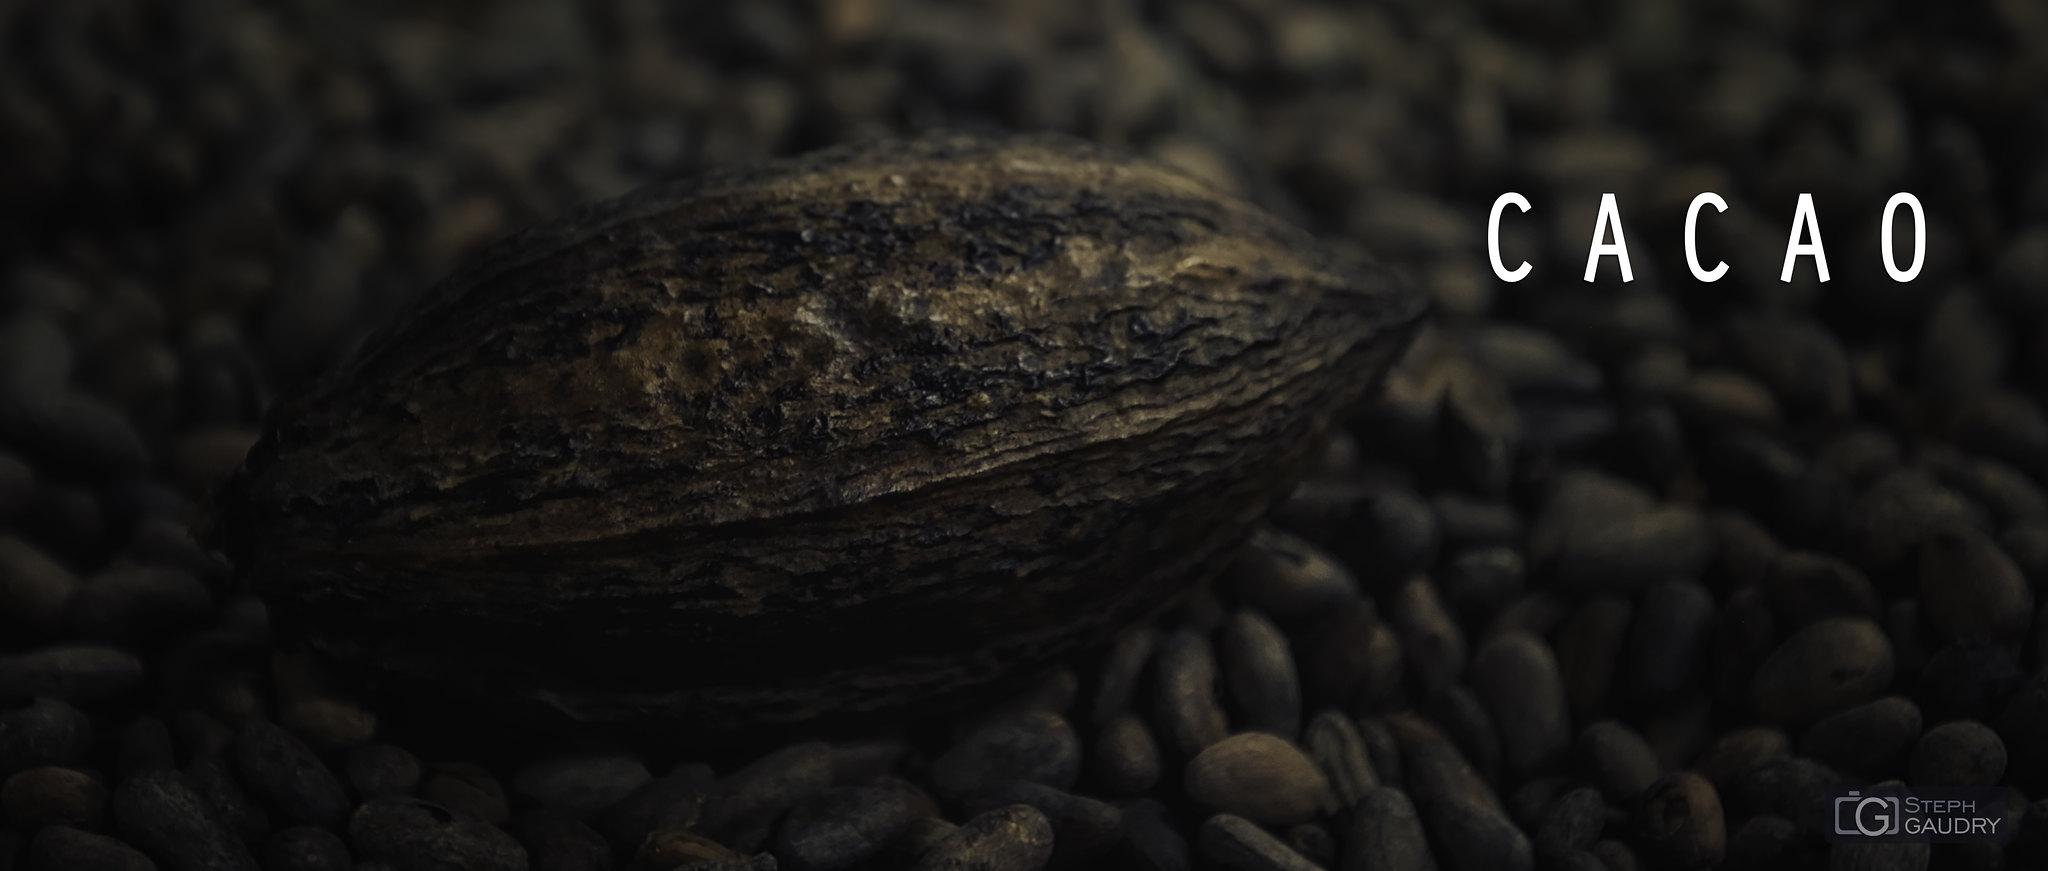 Cacao [Cliquez pour lancer le diaporama]